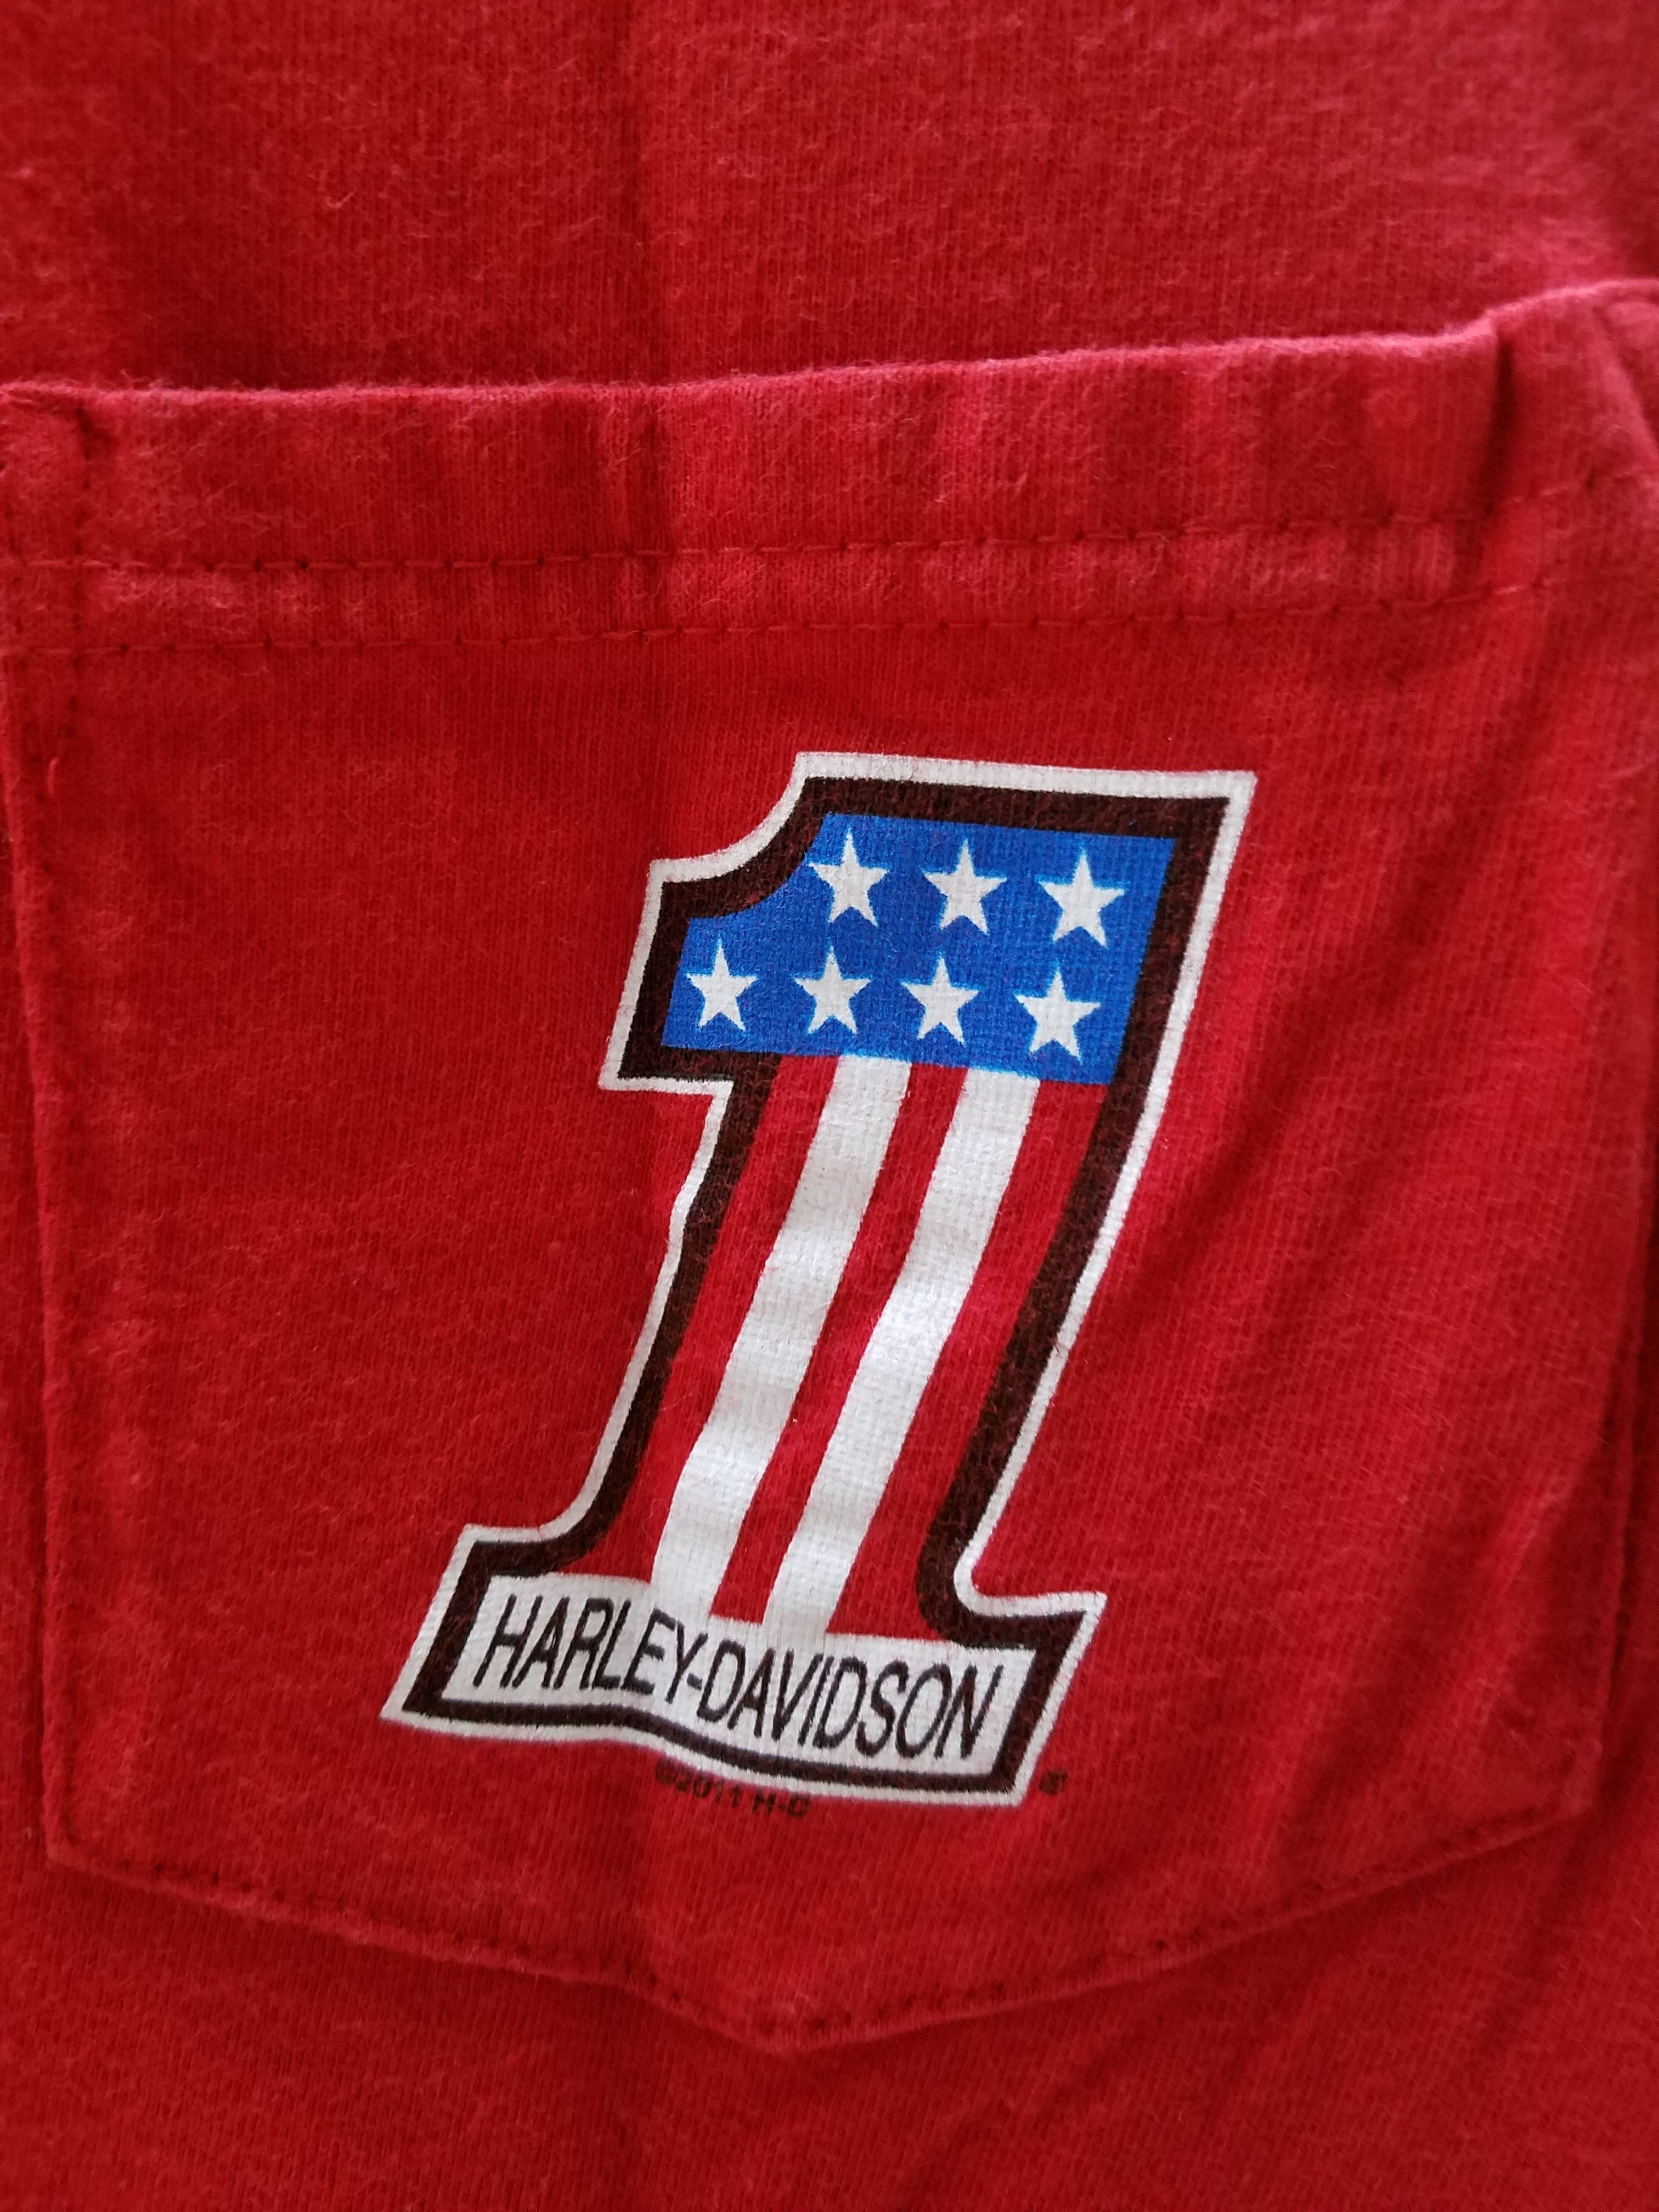 ハーレーダビットソン No1 Tシャツ